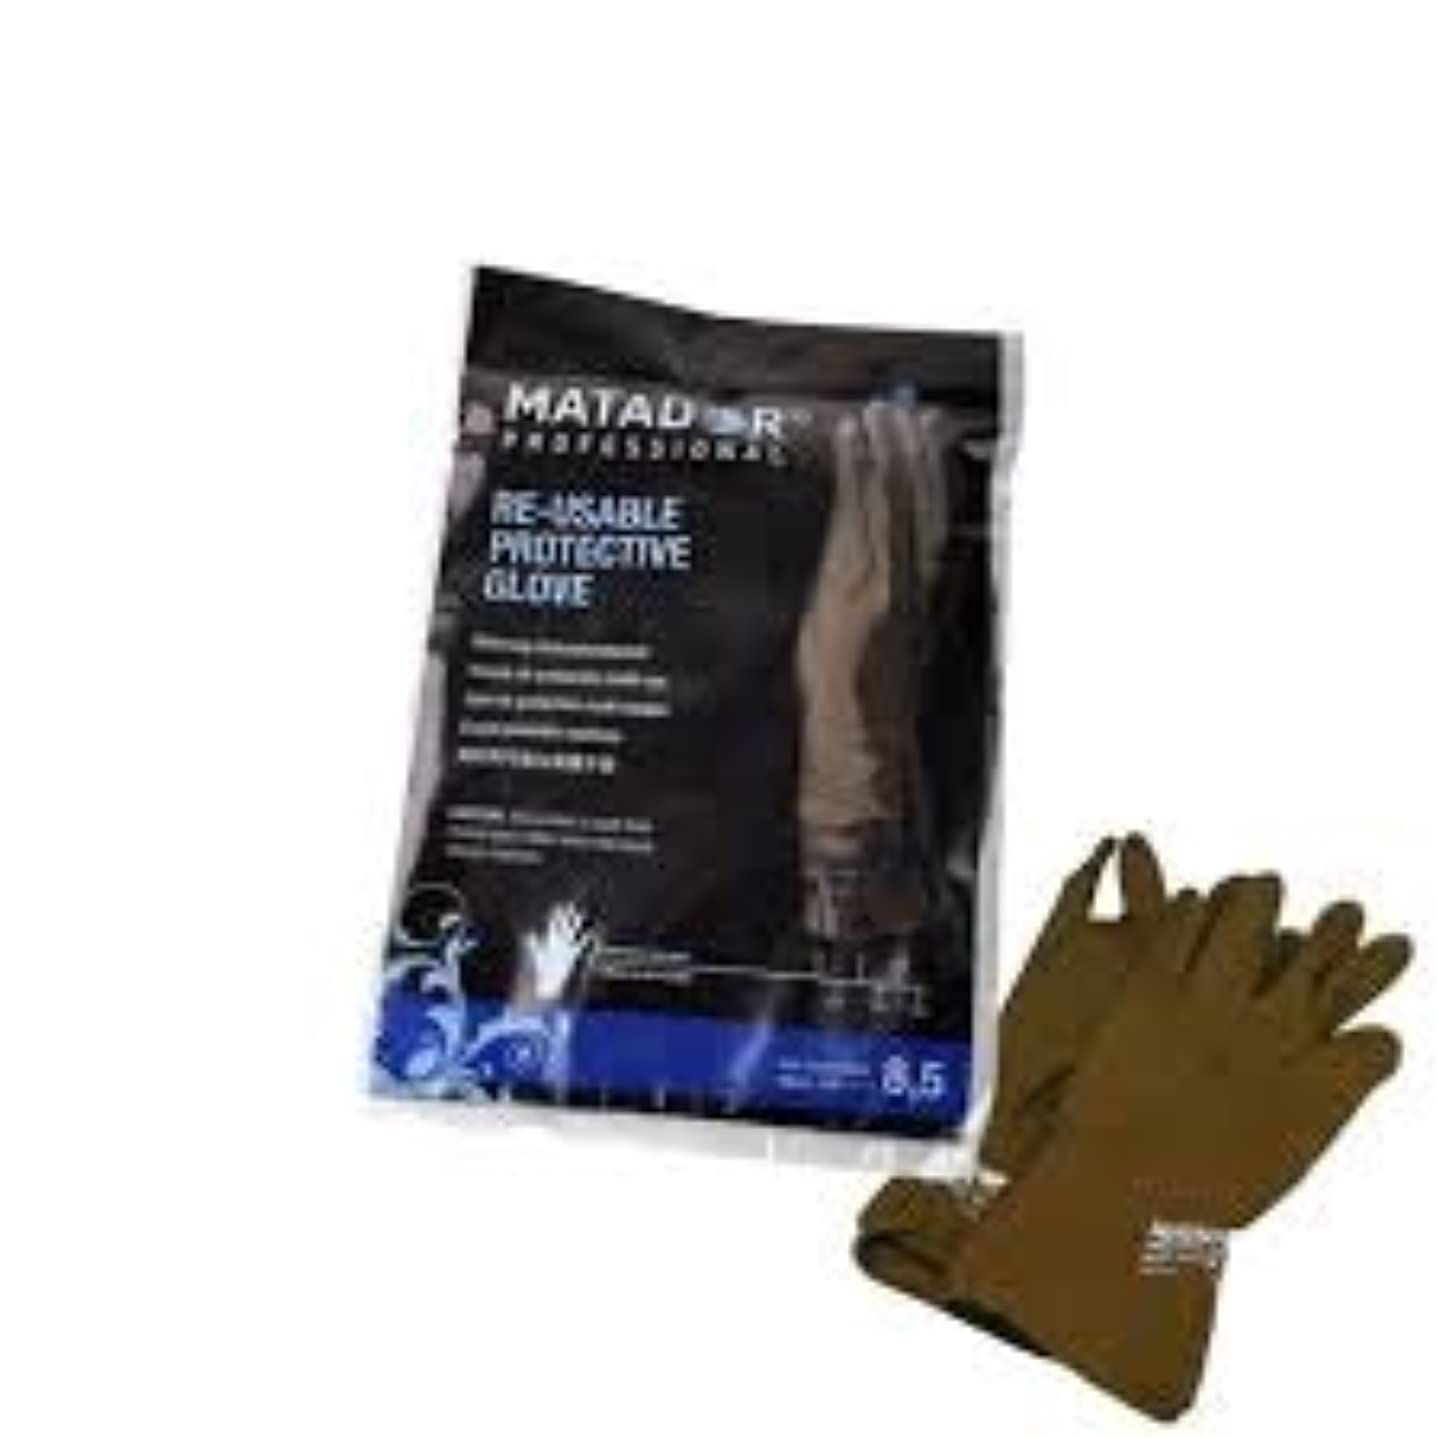 観察するうまくいけば不安定マタドールゴム手袋 8.5吋 【5個セット】